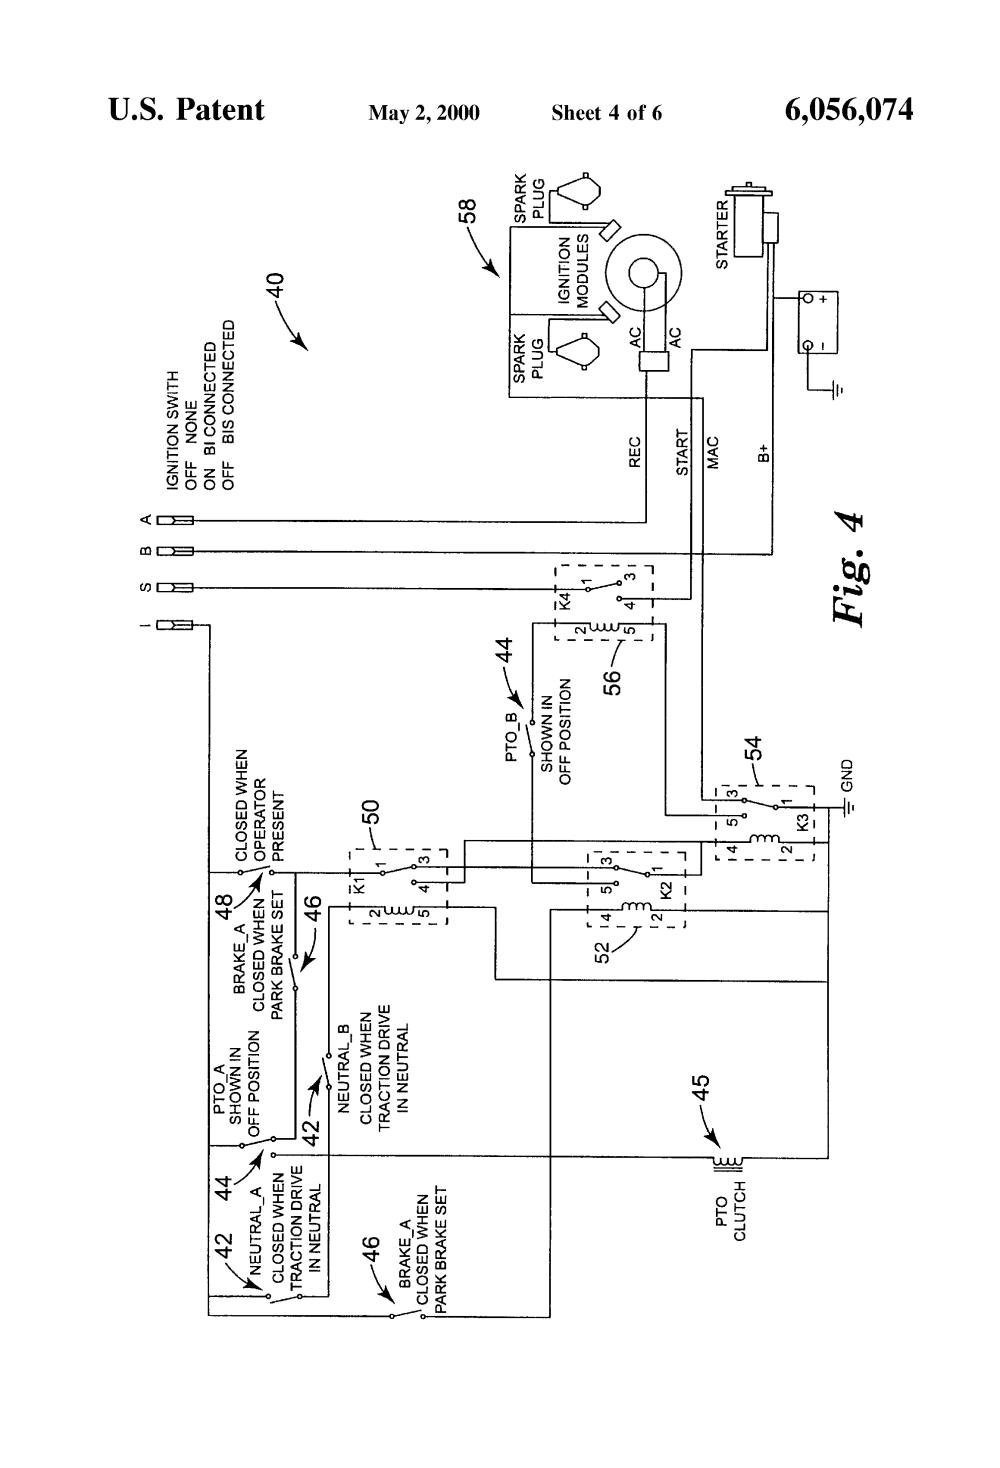 medium resolution of toro z master wiring diagram 28 wiring diagram images toro riding mower wiring diagrams toro z master commercial wiring diagram